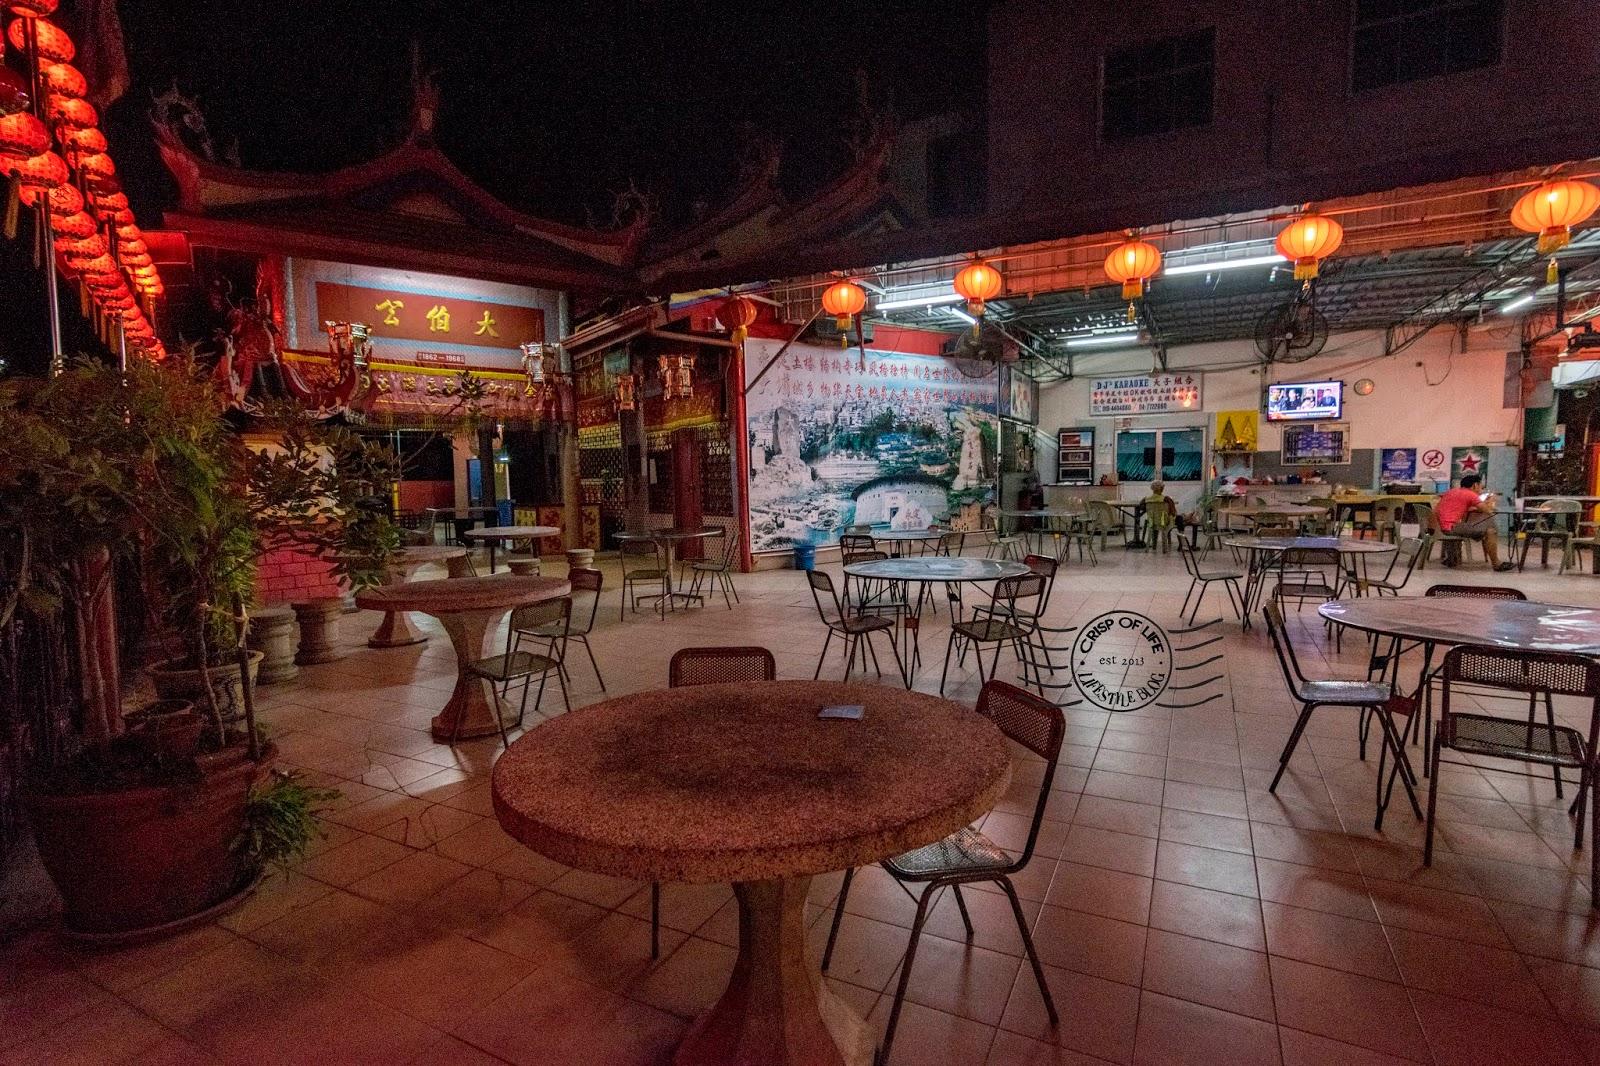 A Restaurant in a Temple - Restaurant Hai Choo @ Alor Setar, Kedah